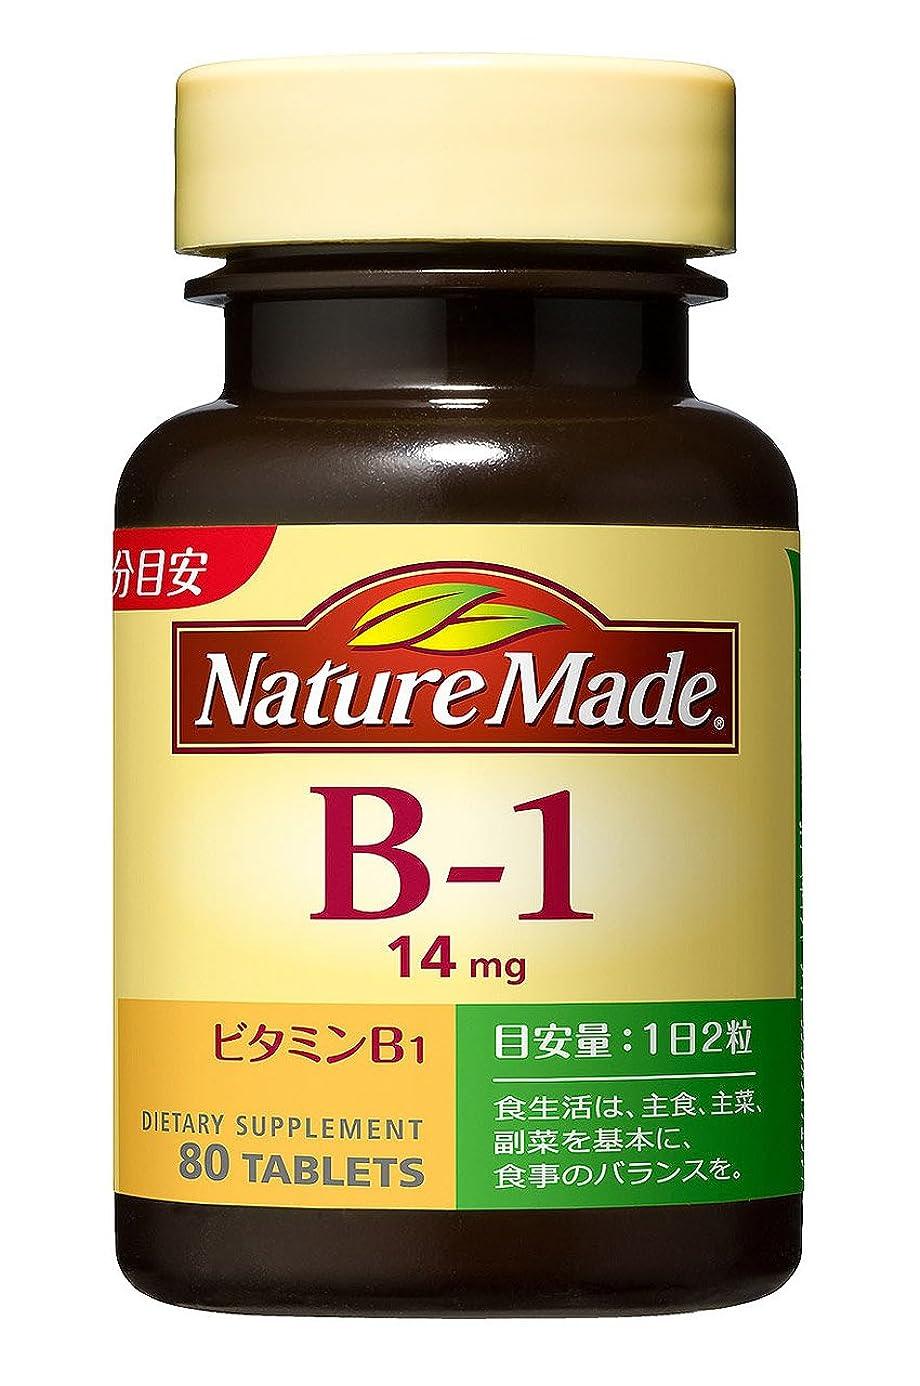 コントローラ不振ライトニング大塚製薬 ネイチャーメイド ビタミンB-1 80粒